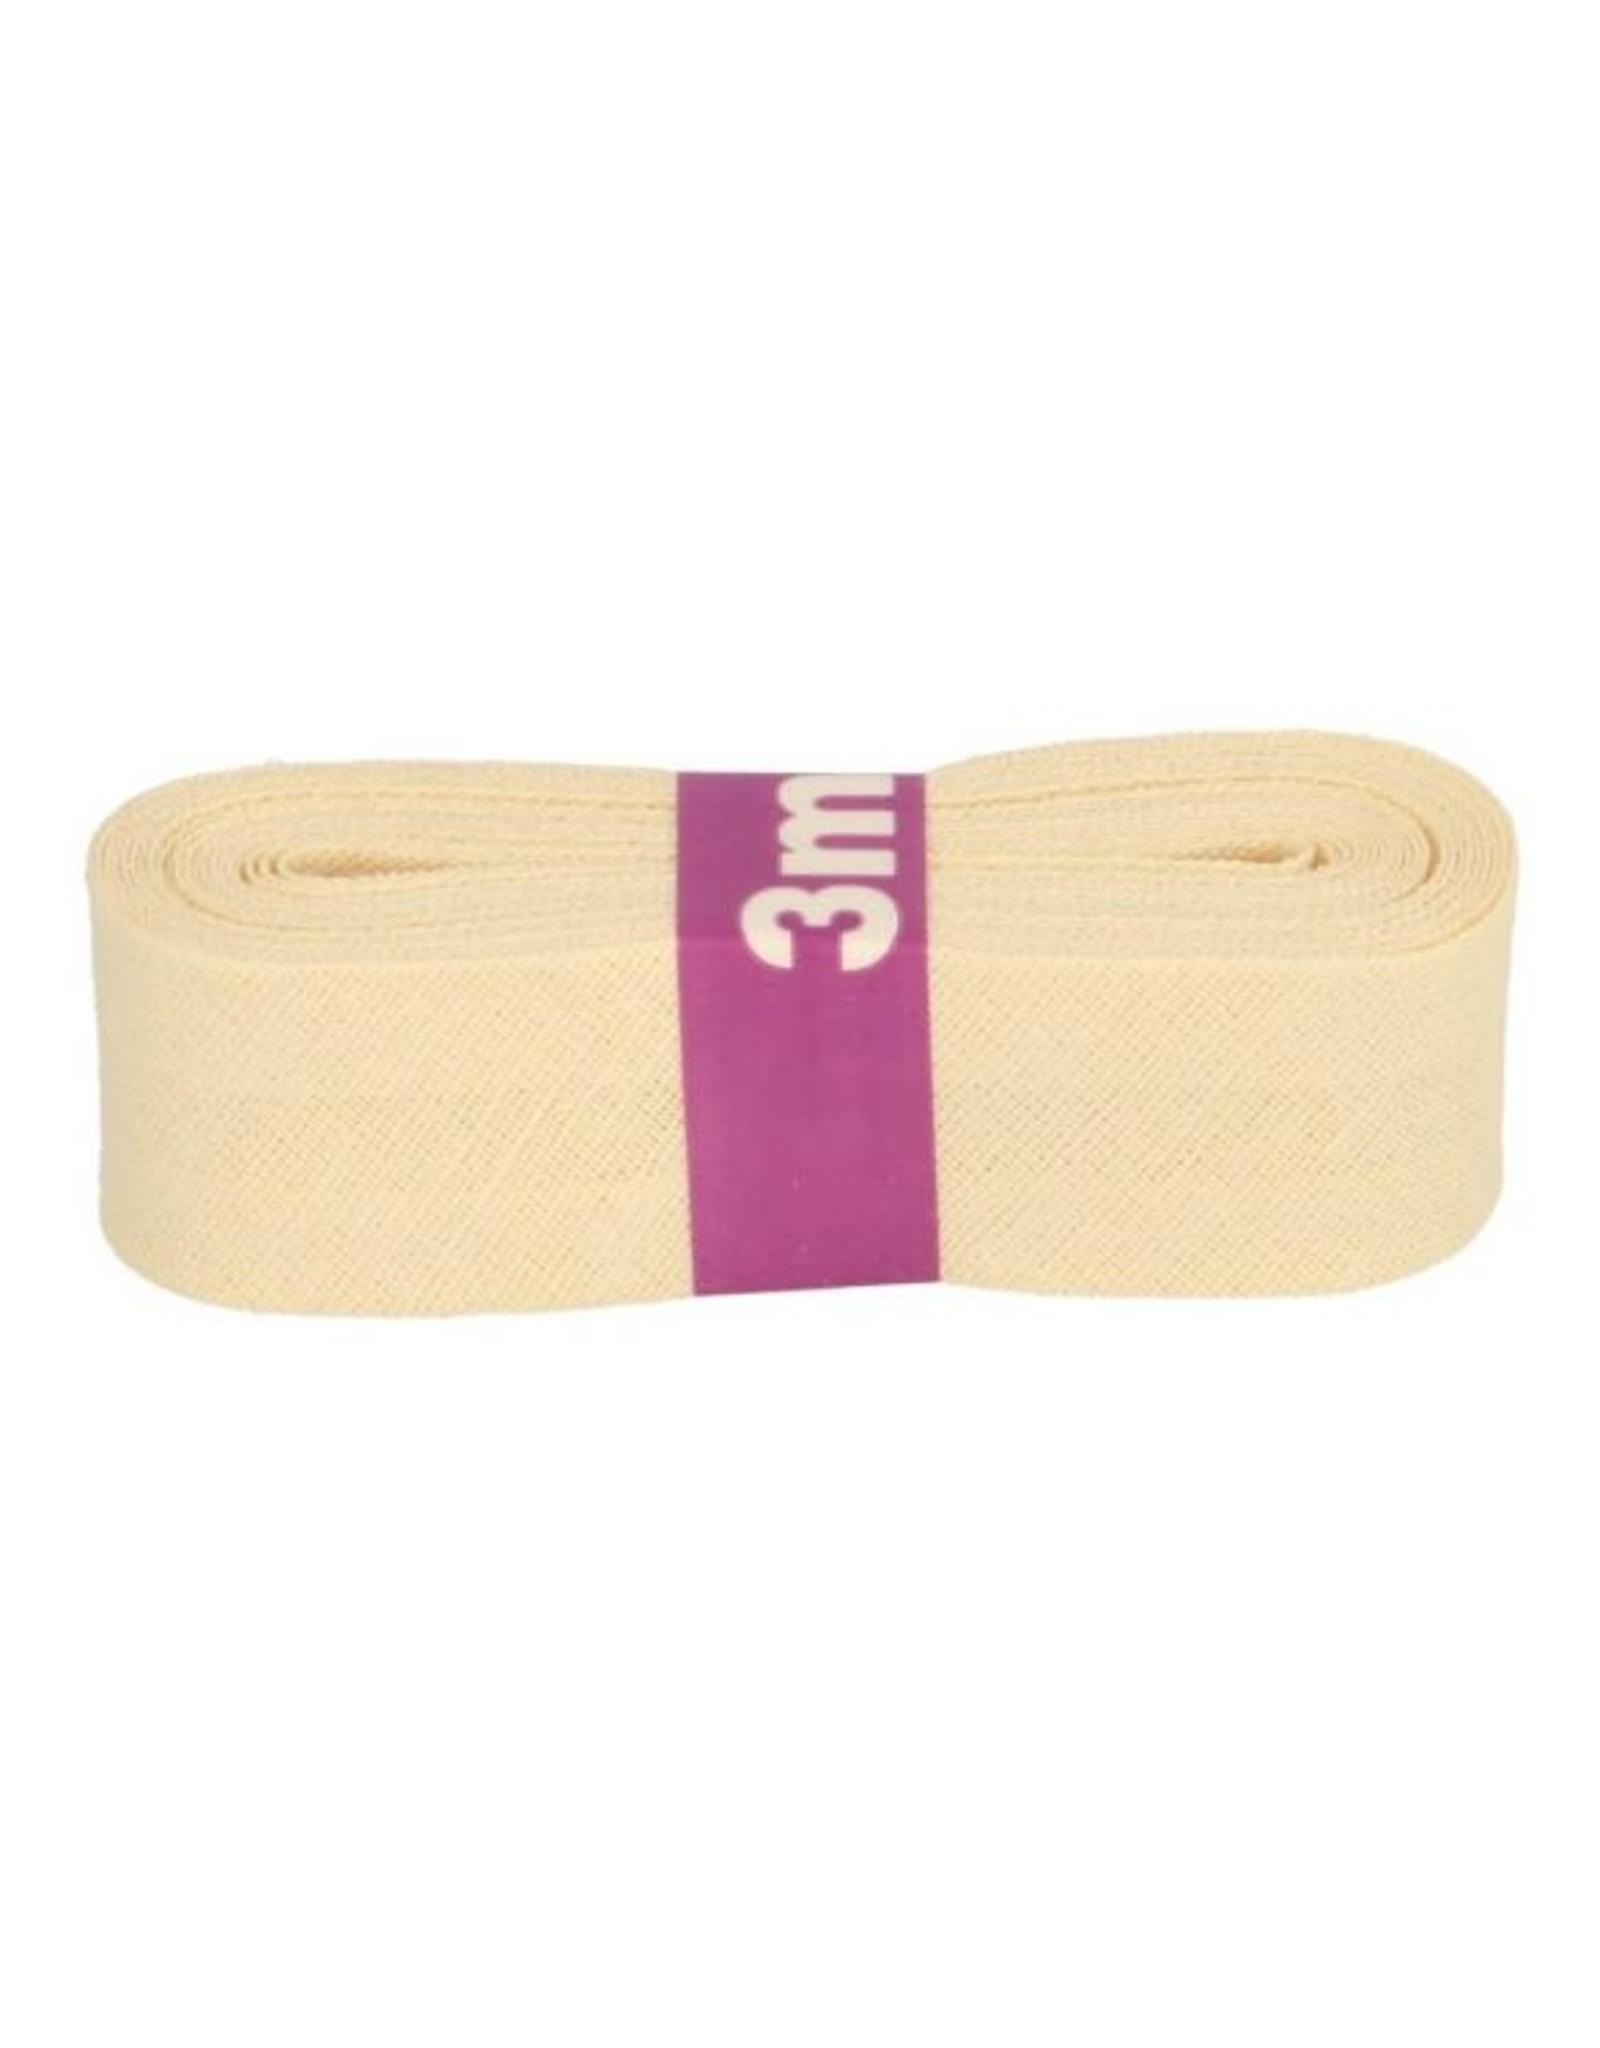 3m Schrägband aus Baumwolle 12mm Creme